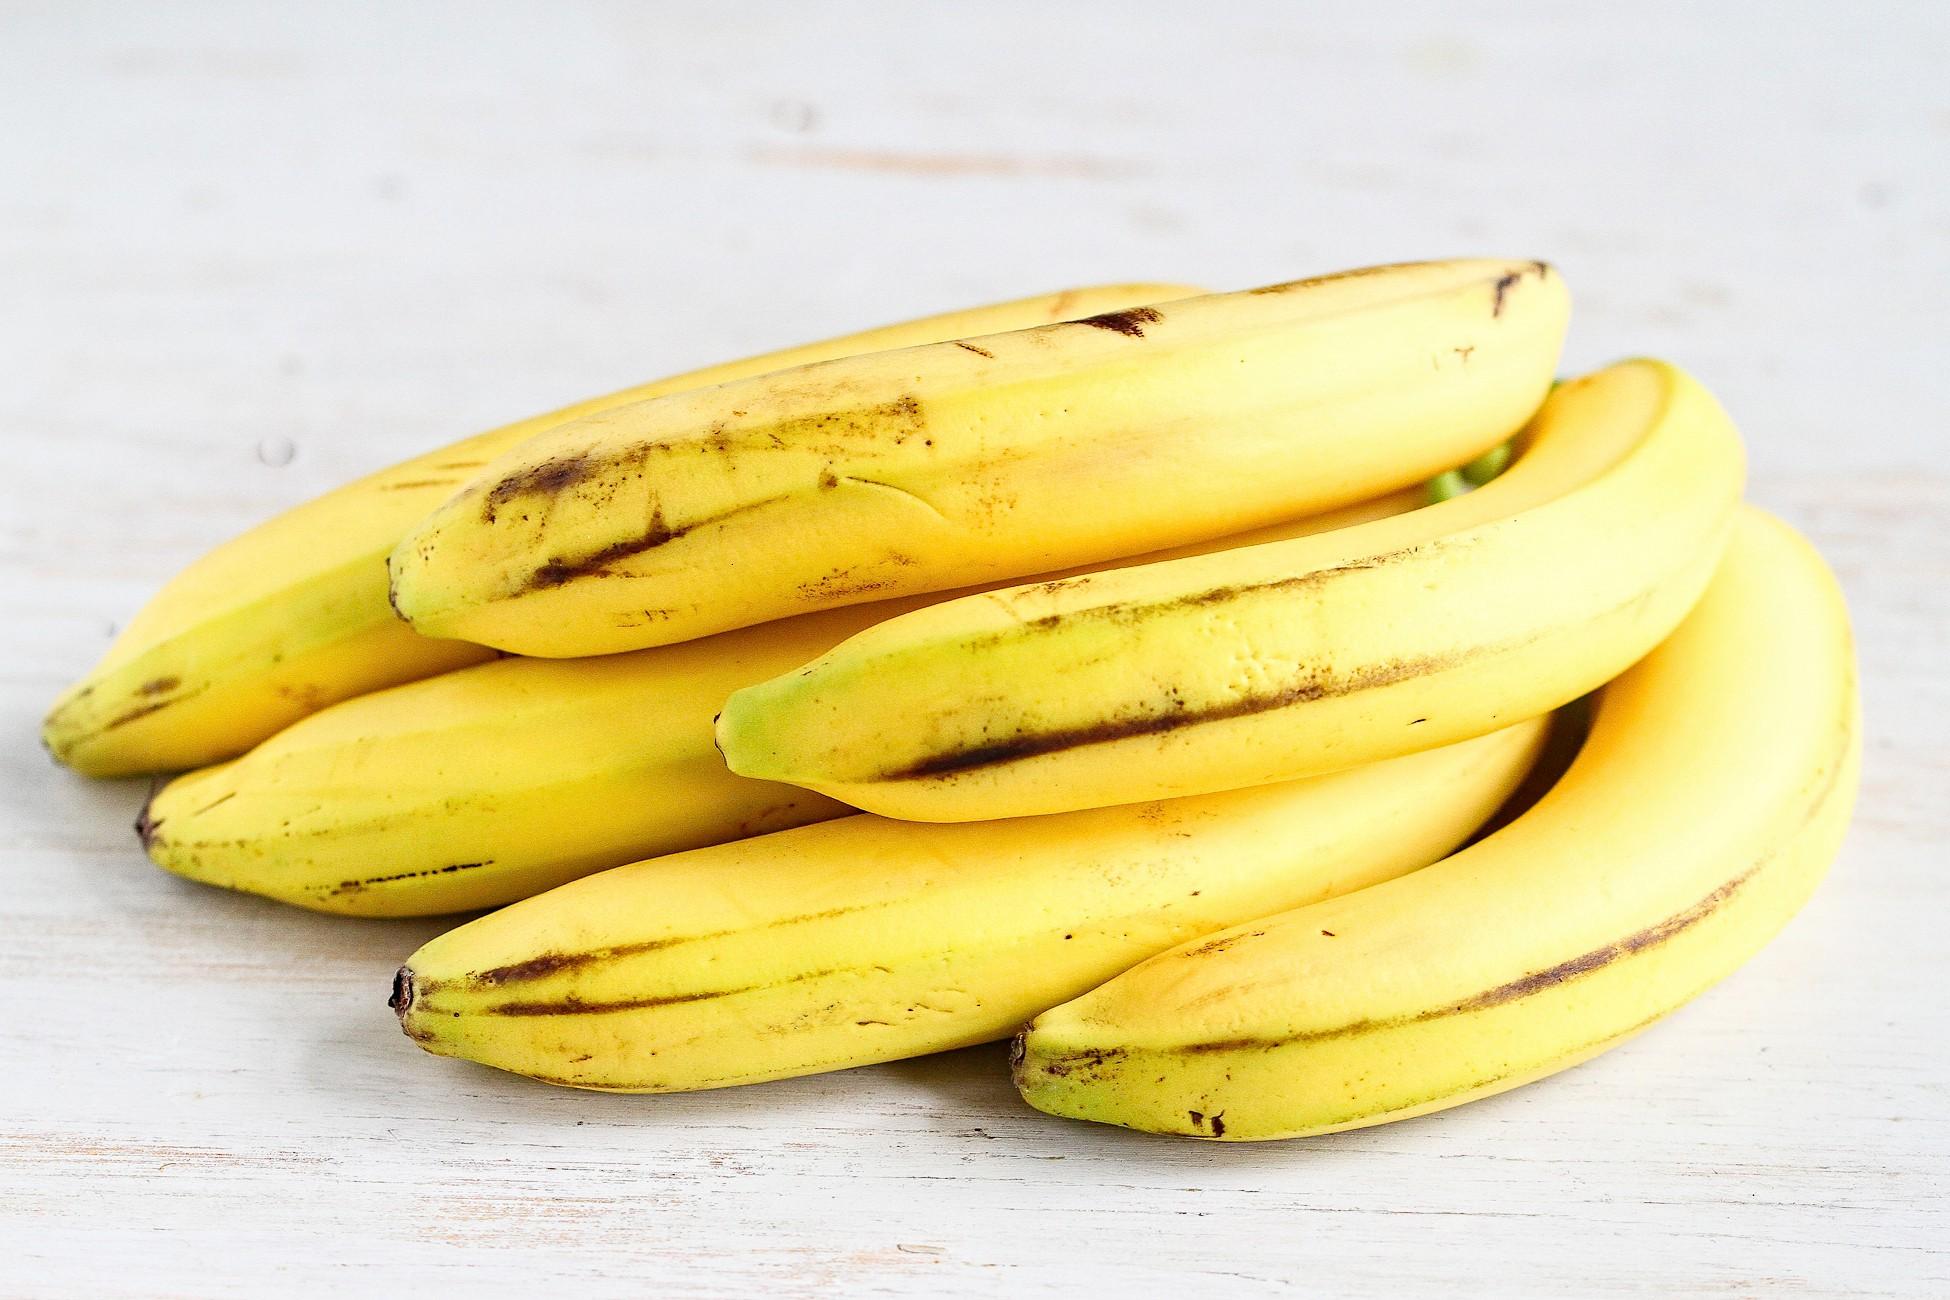 Bổ sung ngay 7 trái cây này để cơ thể không thiếu hụt loại khoáng chất vô cùng quan trọng - Ảnh 6.